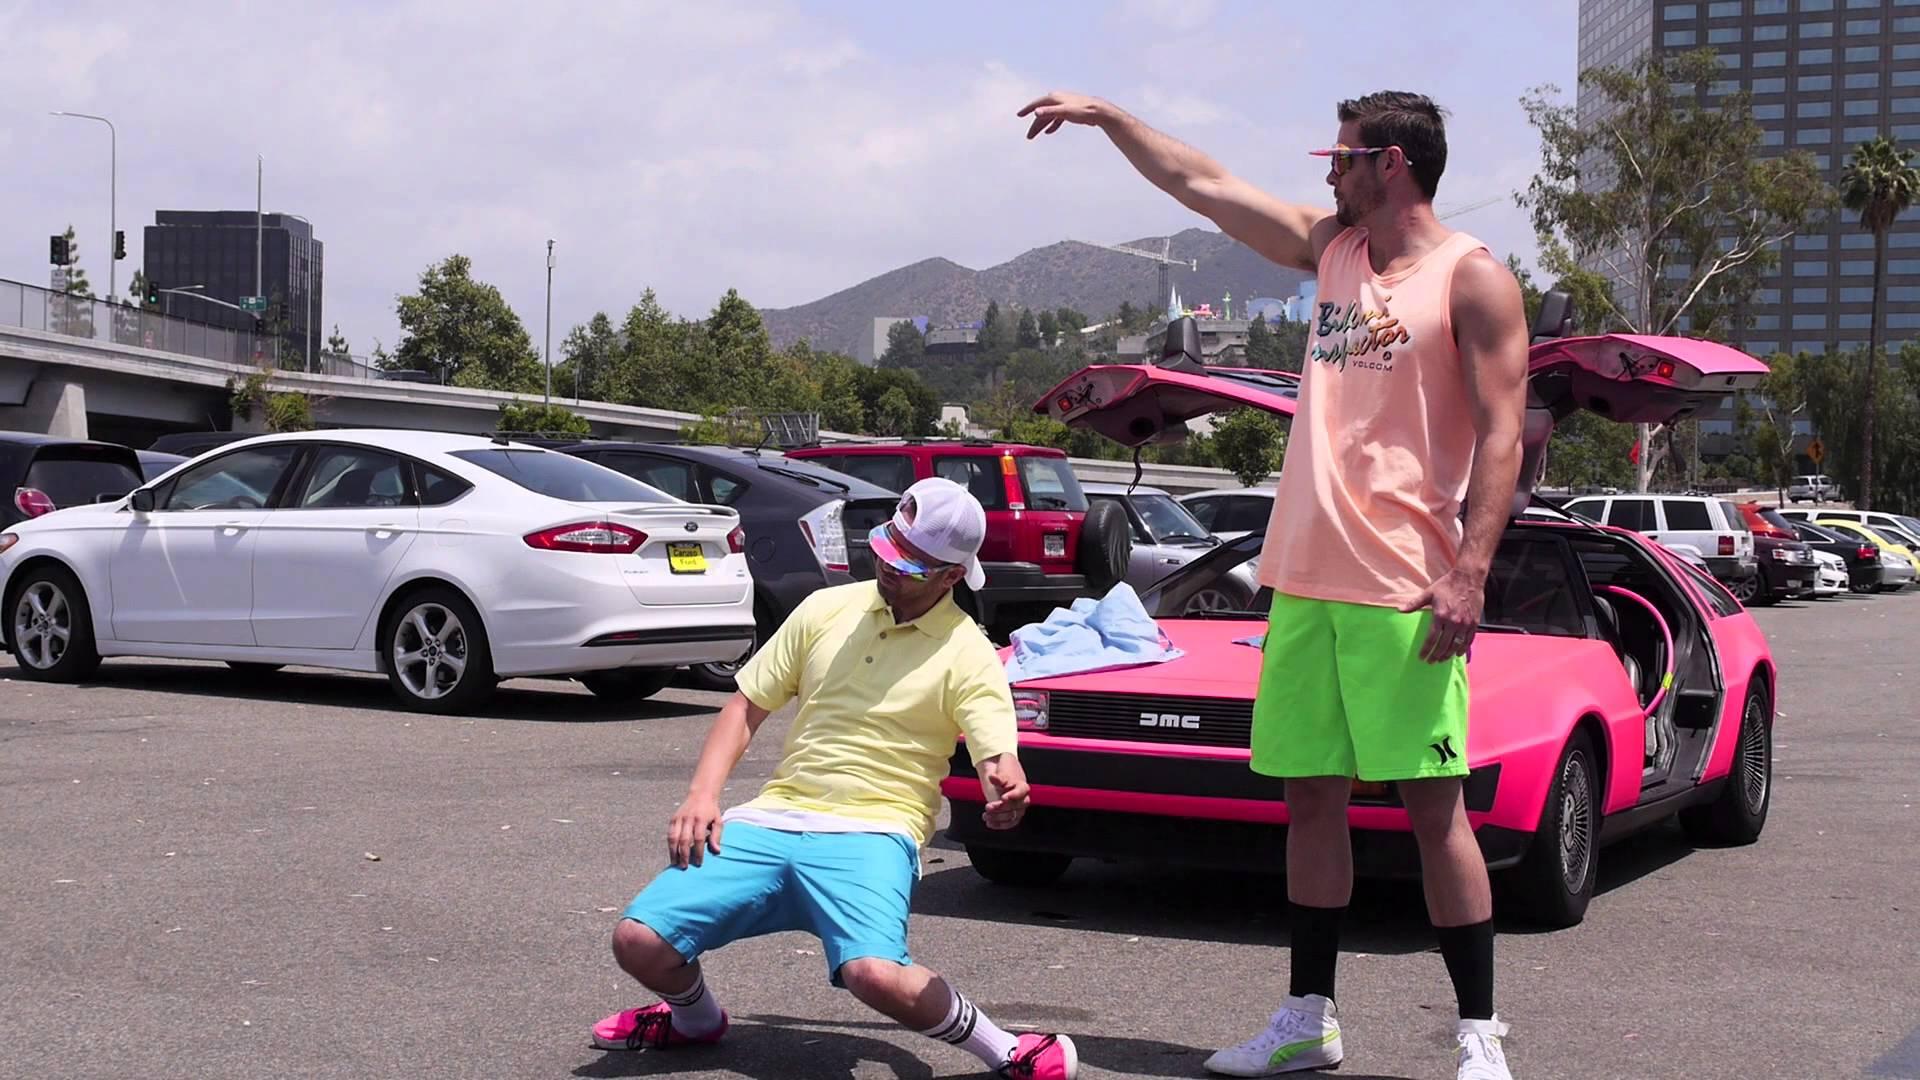 Tihle kluci se sice oblékají jako gayové, ale tančit umí!